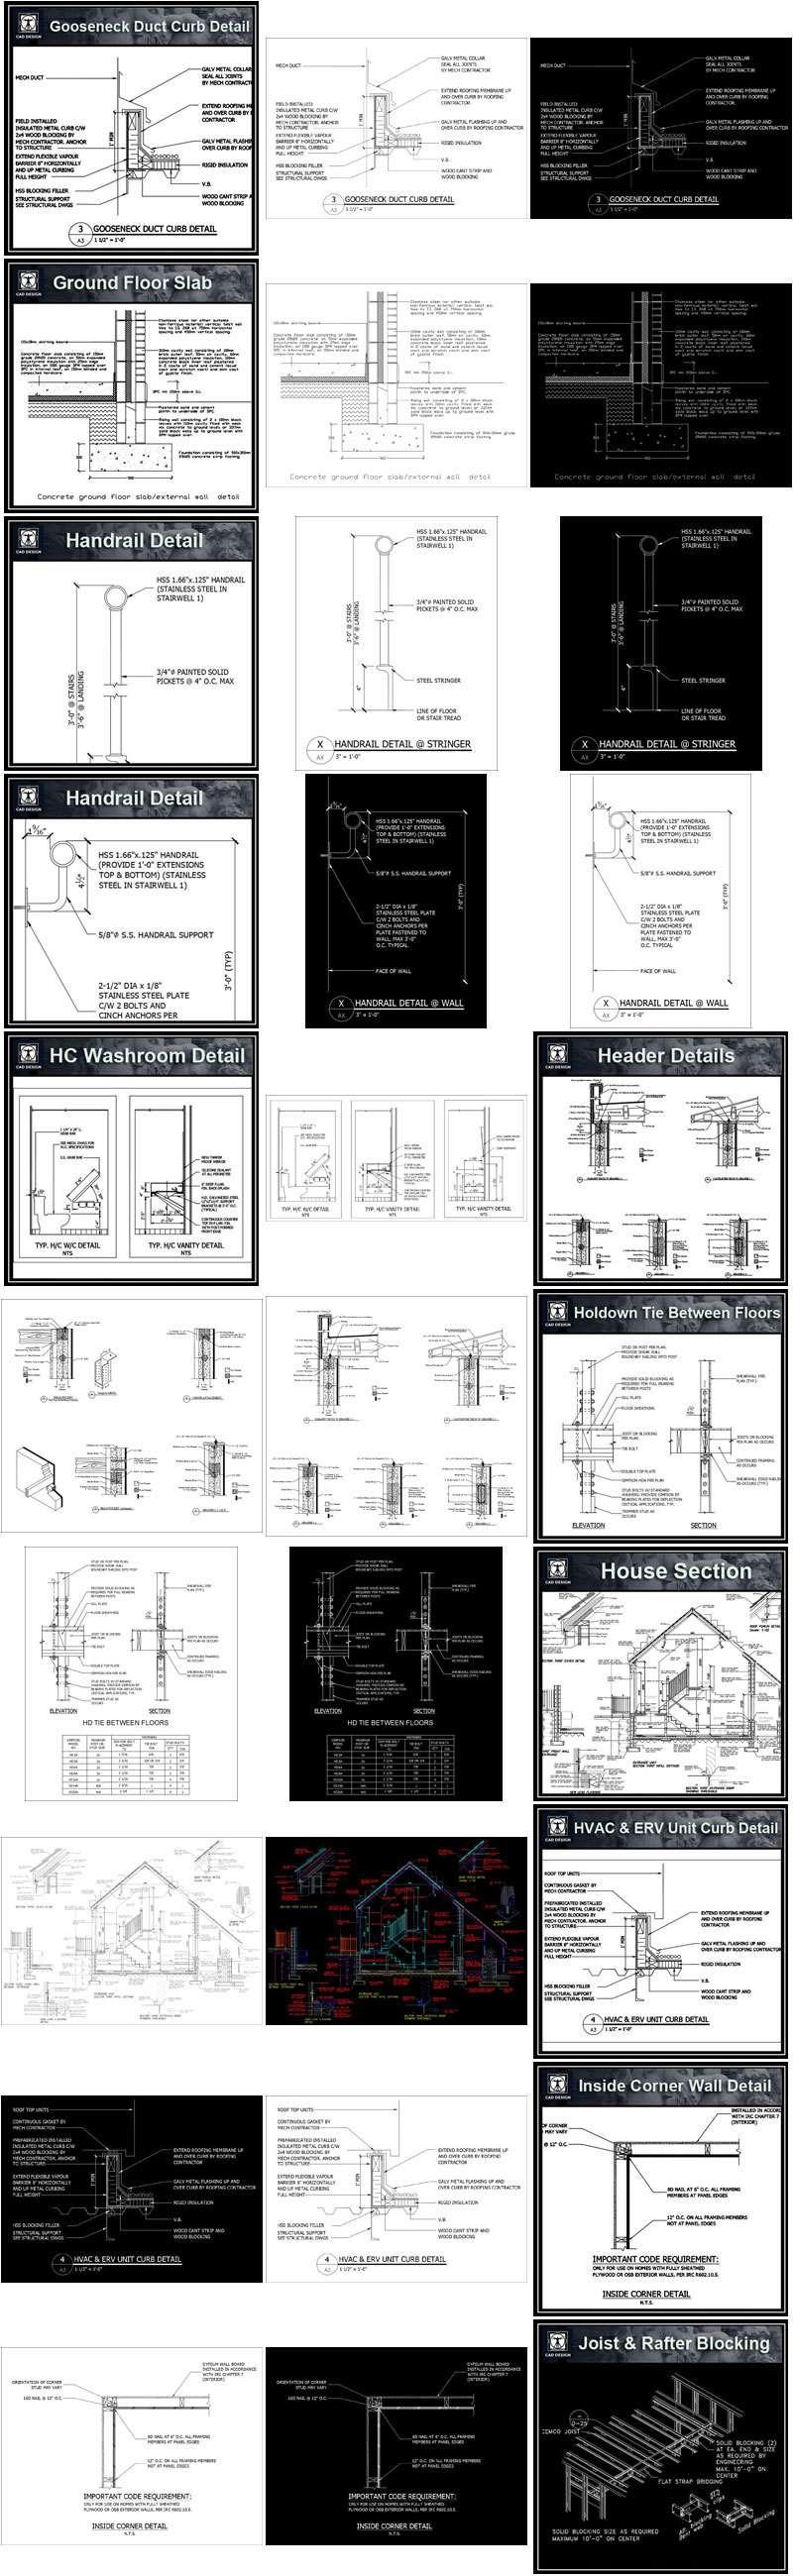 Interior Design Details Menu 21?resizeu003d678,2204u0026sslu003d1